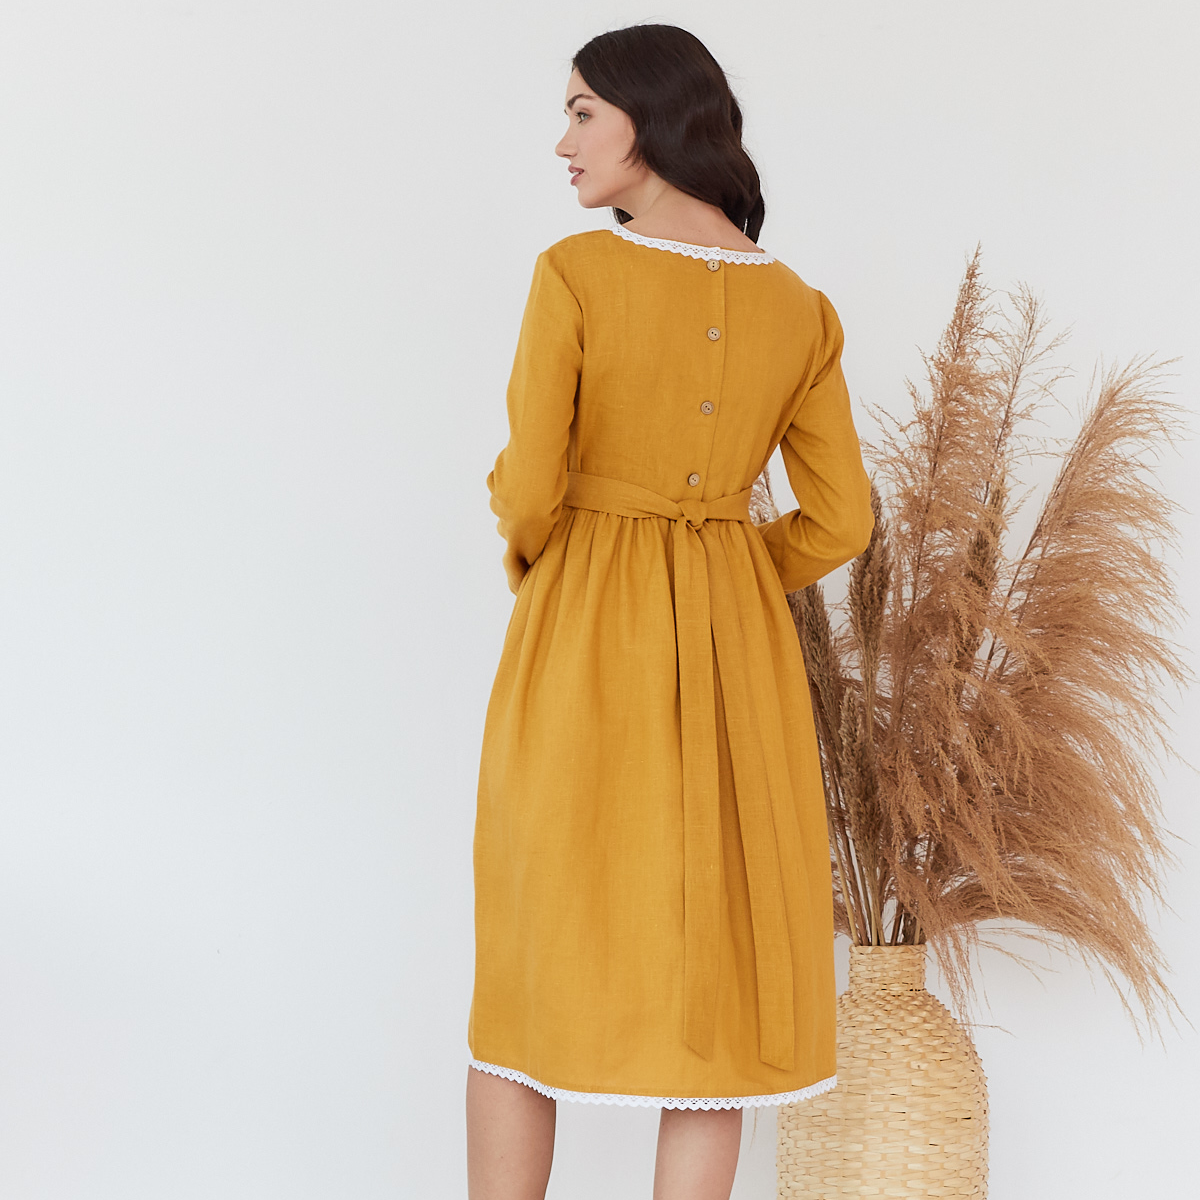 Платье женское льняное с хлопковым кружевом горчичного цвета - фото 2